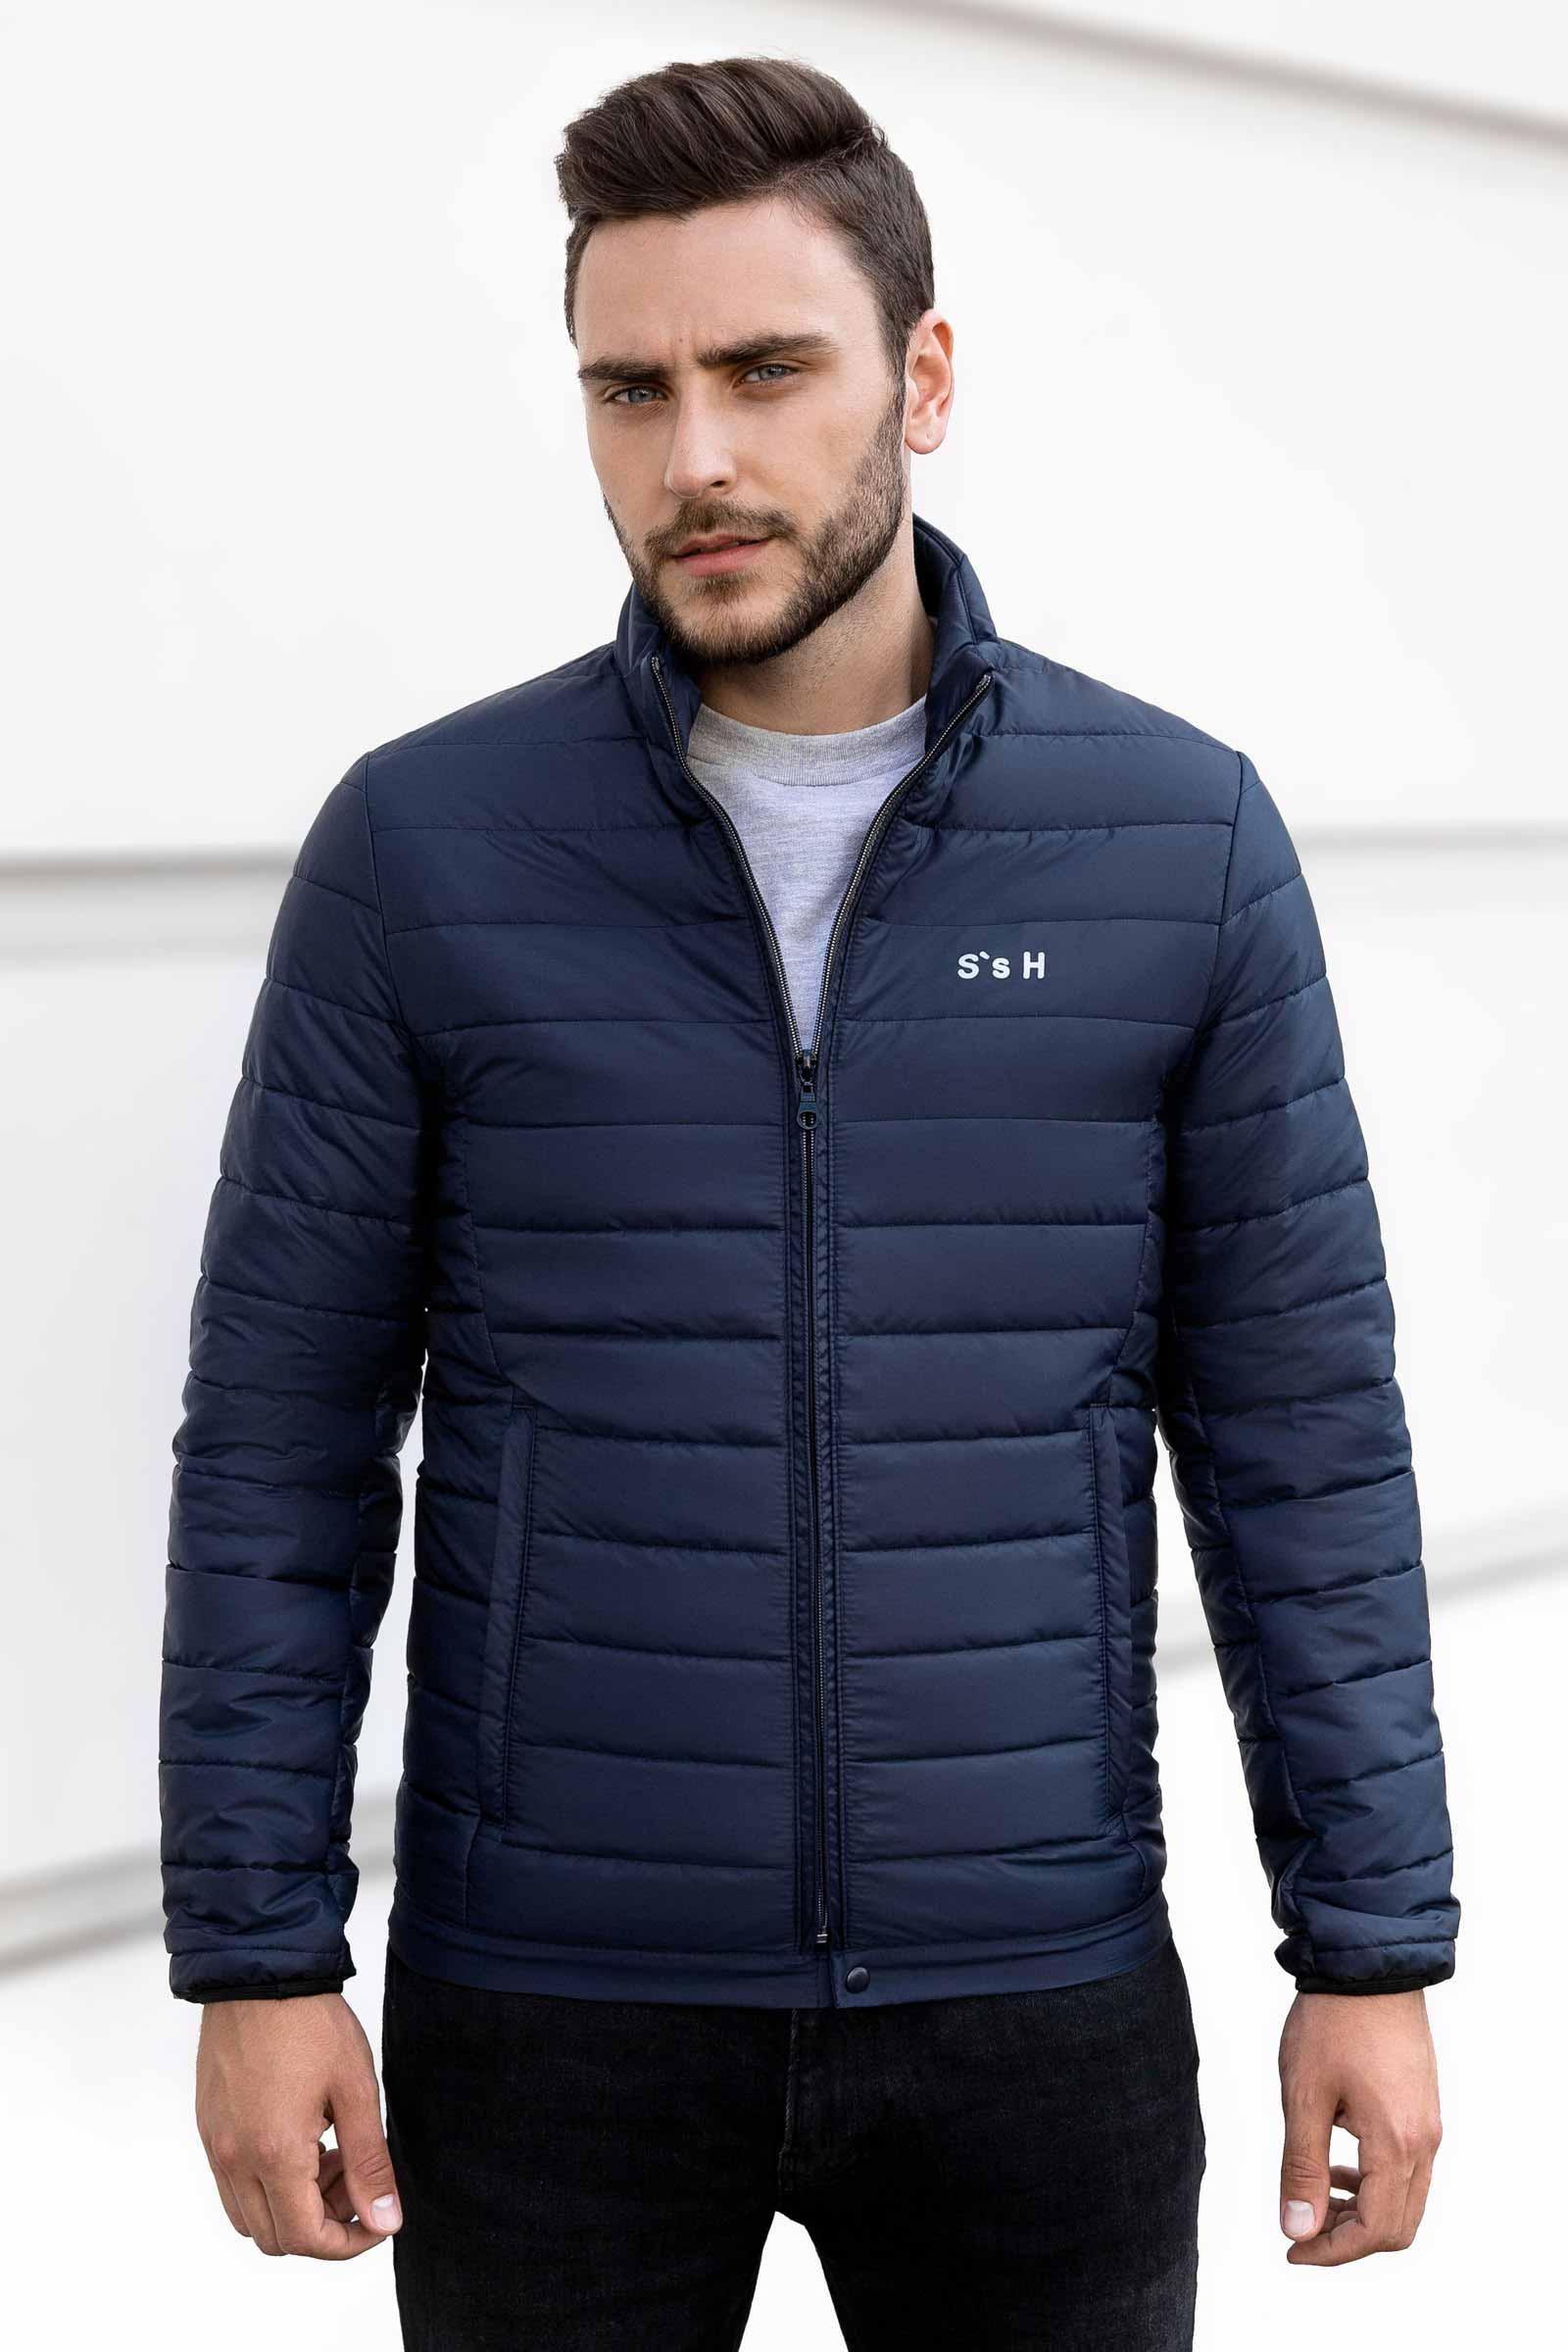 Мужская приталенная куртка Николаев - фото